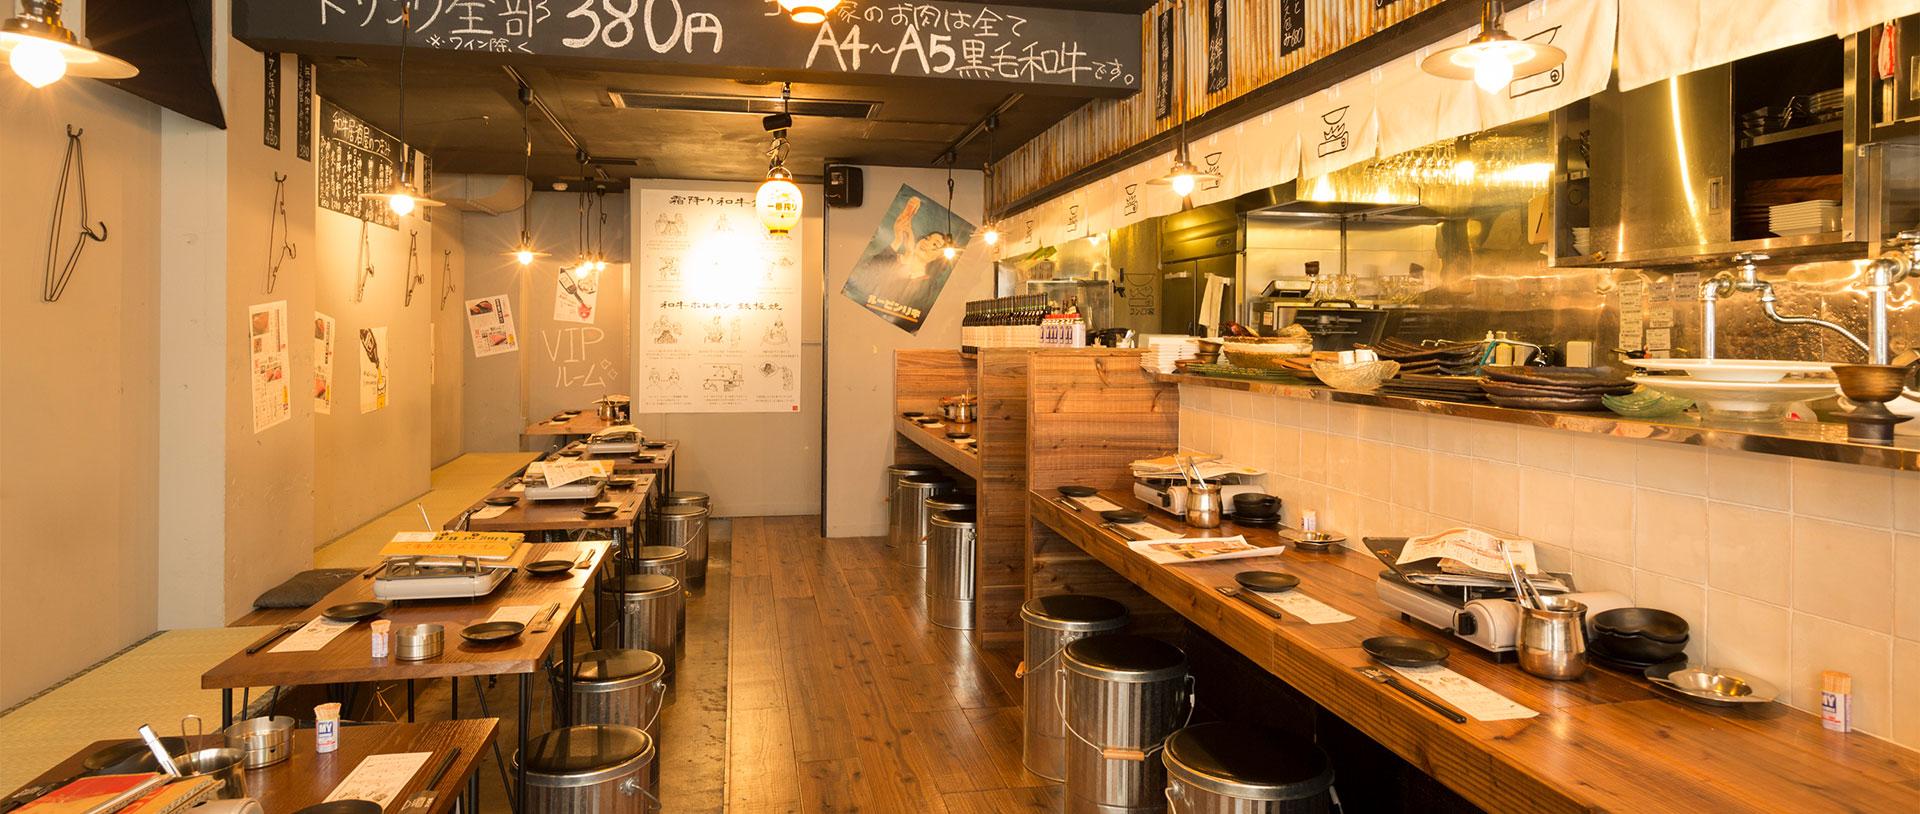 個人で飲食店開業!小さな飲食店の厨房づくりのコツは?